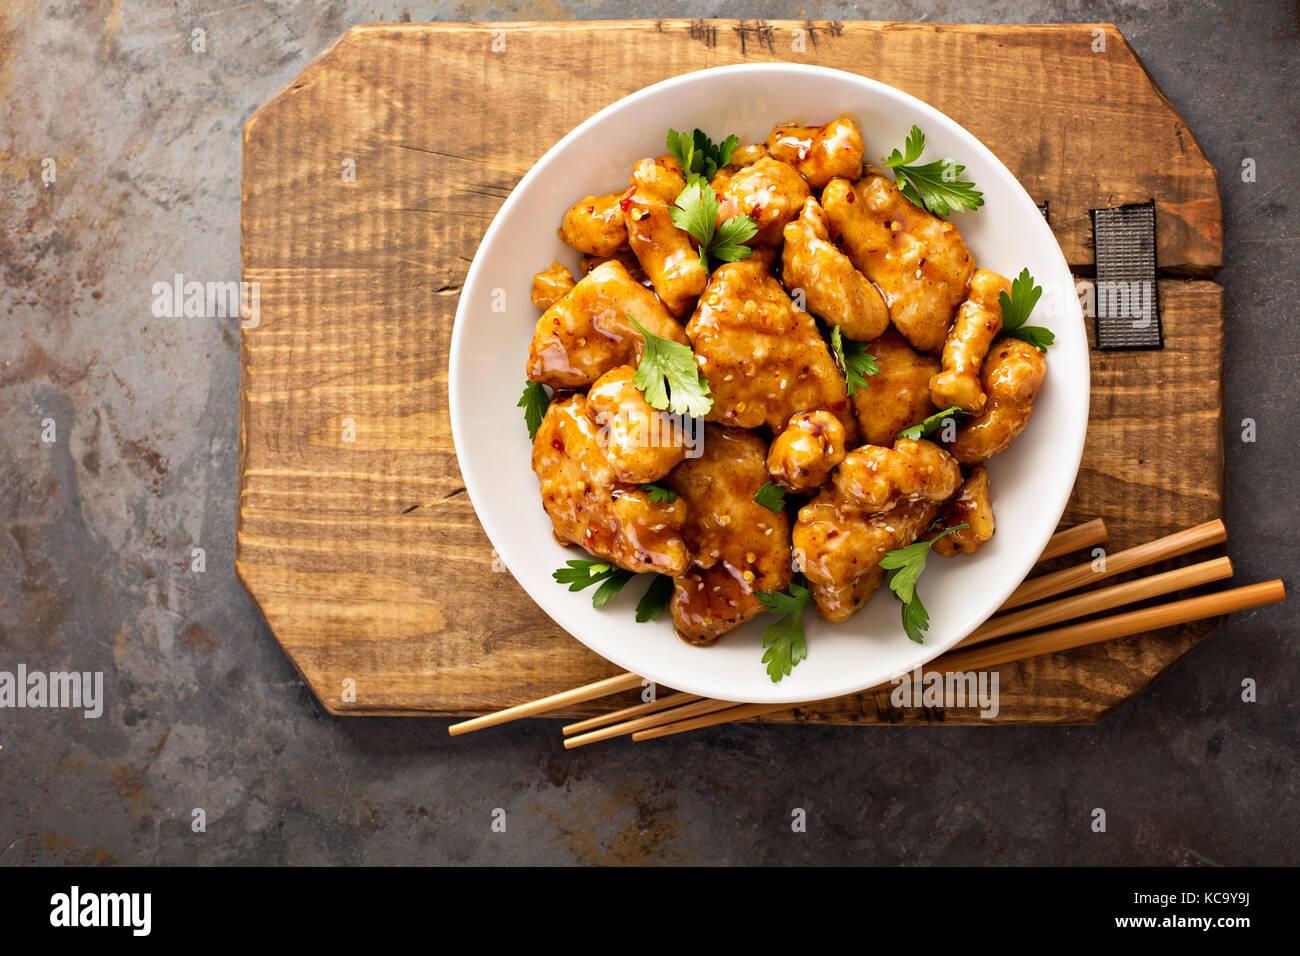 Picante dulce y amargo, pollo con arroz y el repollo Imagen De Stock